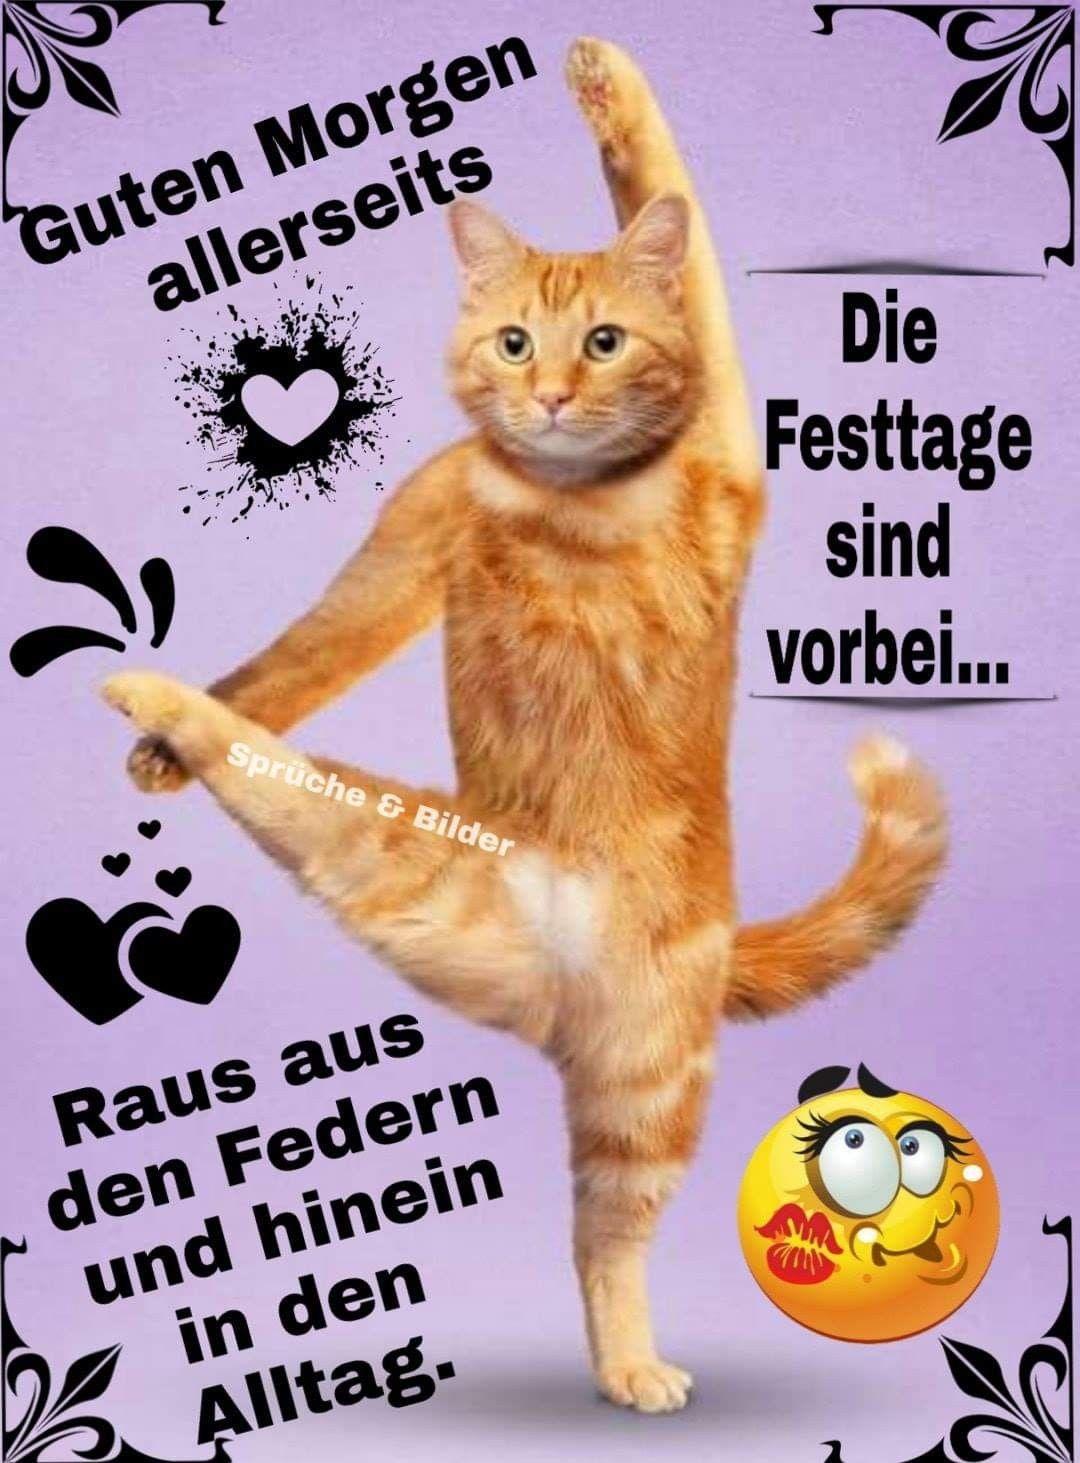 Pin Von Anja Klingberg Auf Lustig Guten Morgen Lustig Guten Morgen Katzen Geburtstag